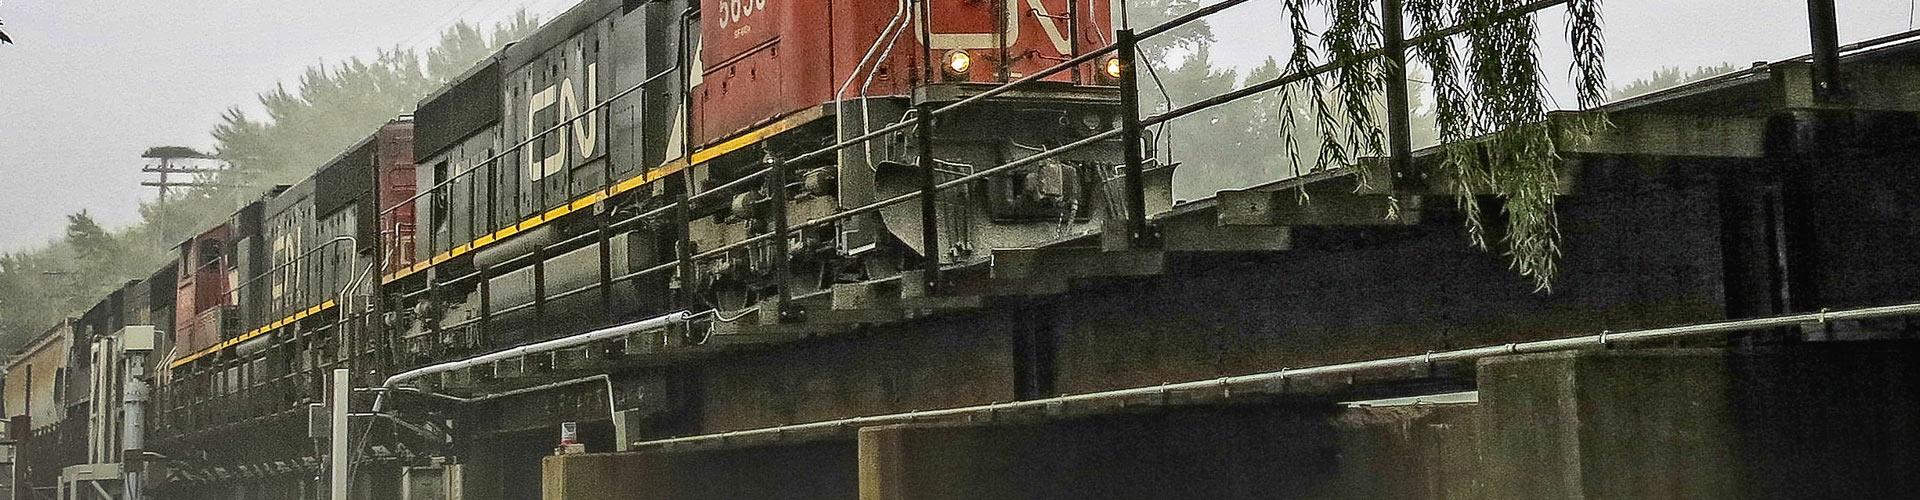 pier and abutment repairs, abutment repairs, pier repairs, railroad bridge, railroad bridge construction